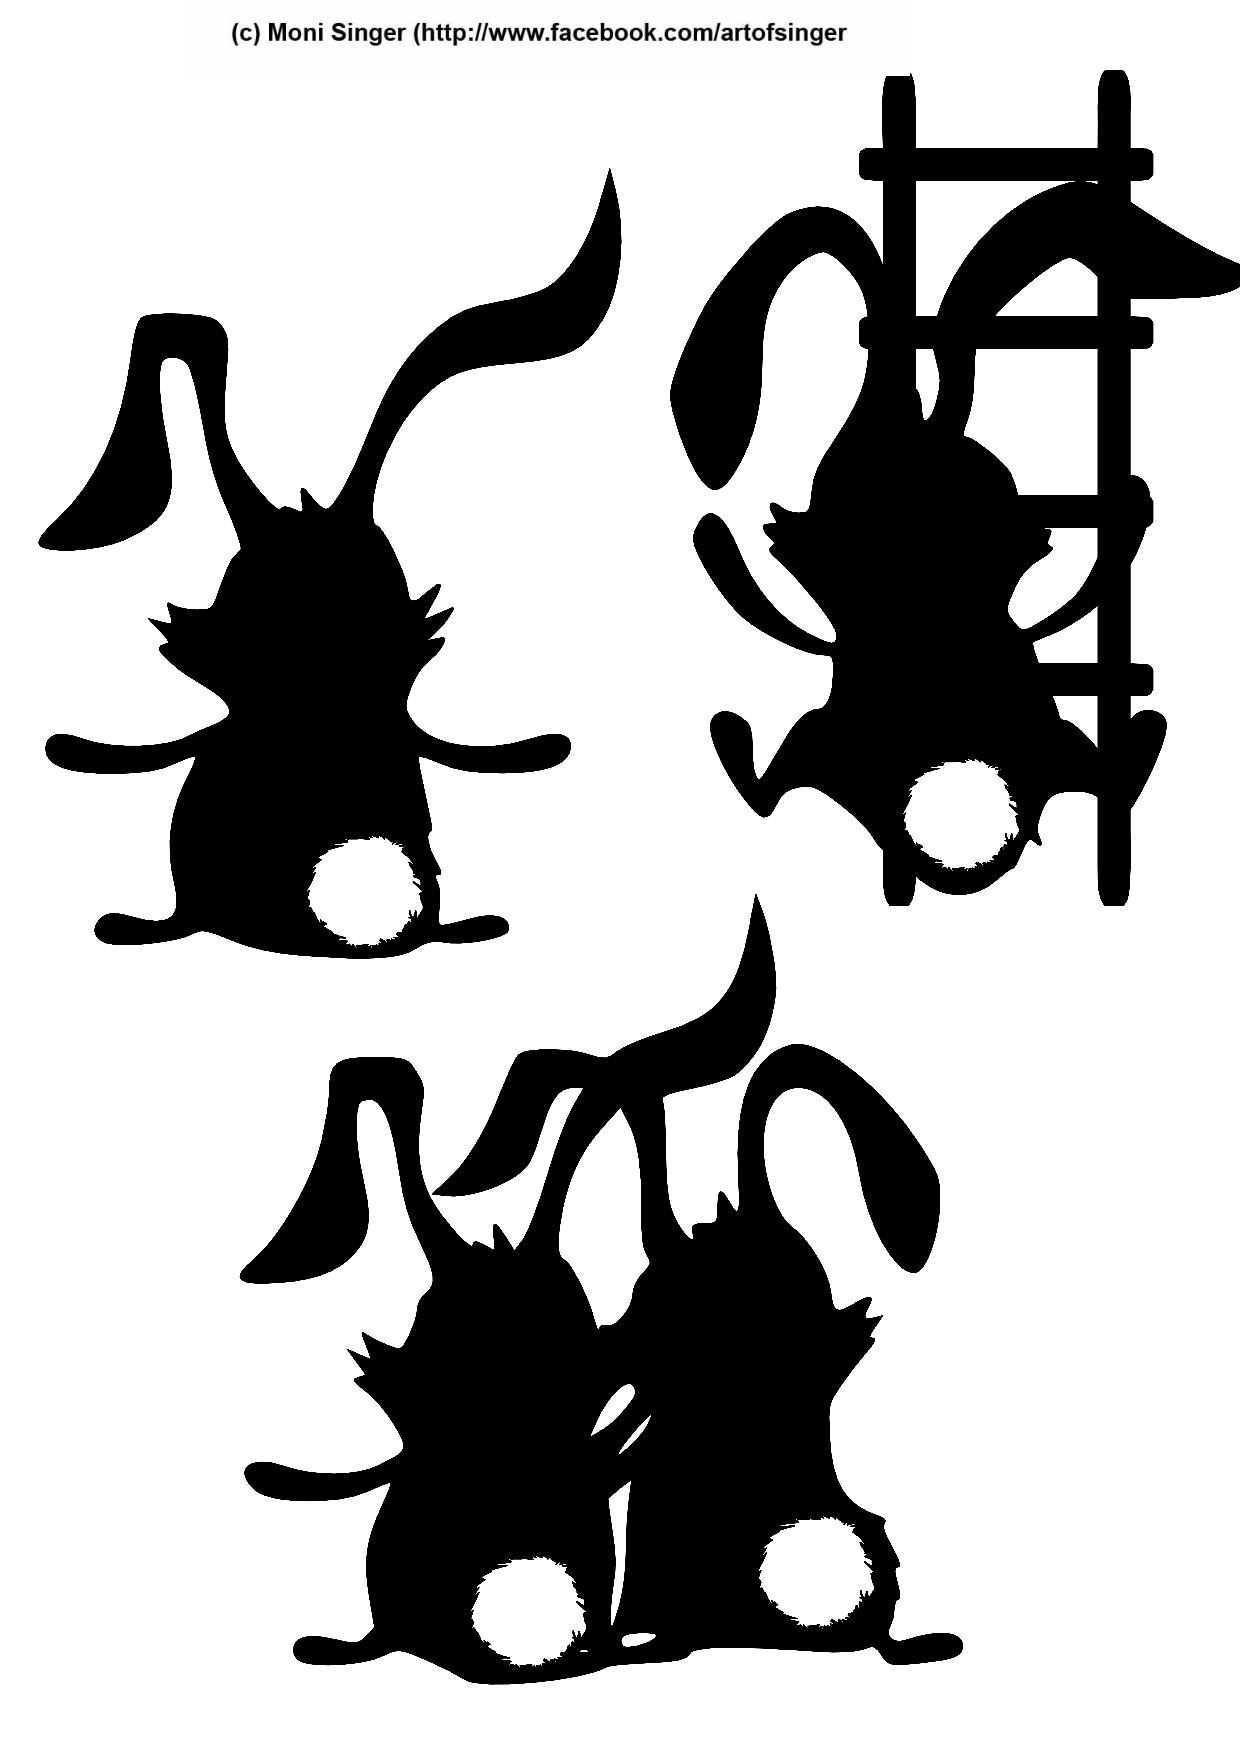 Silhouette Plotter File Free Plotter Datei Kostenlos Plotter Freebie Ostern Silhouette Cameo Freebies Scherenschnitt Vorlagen Scherenschnitt Ostern Vorlagen